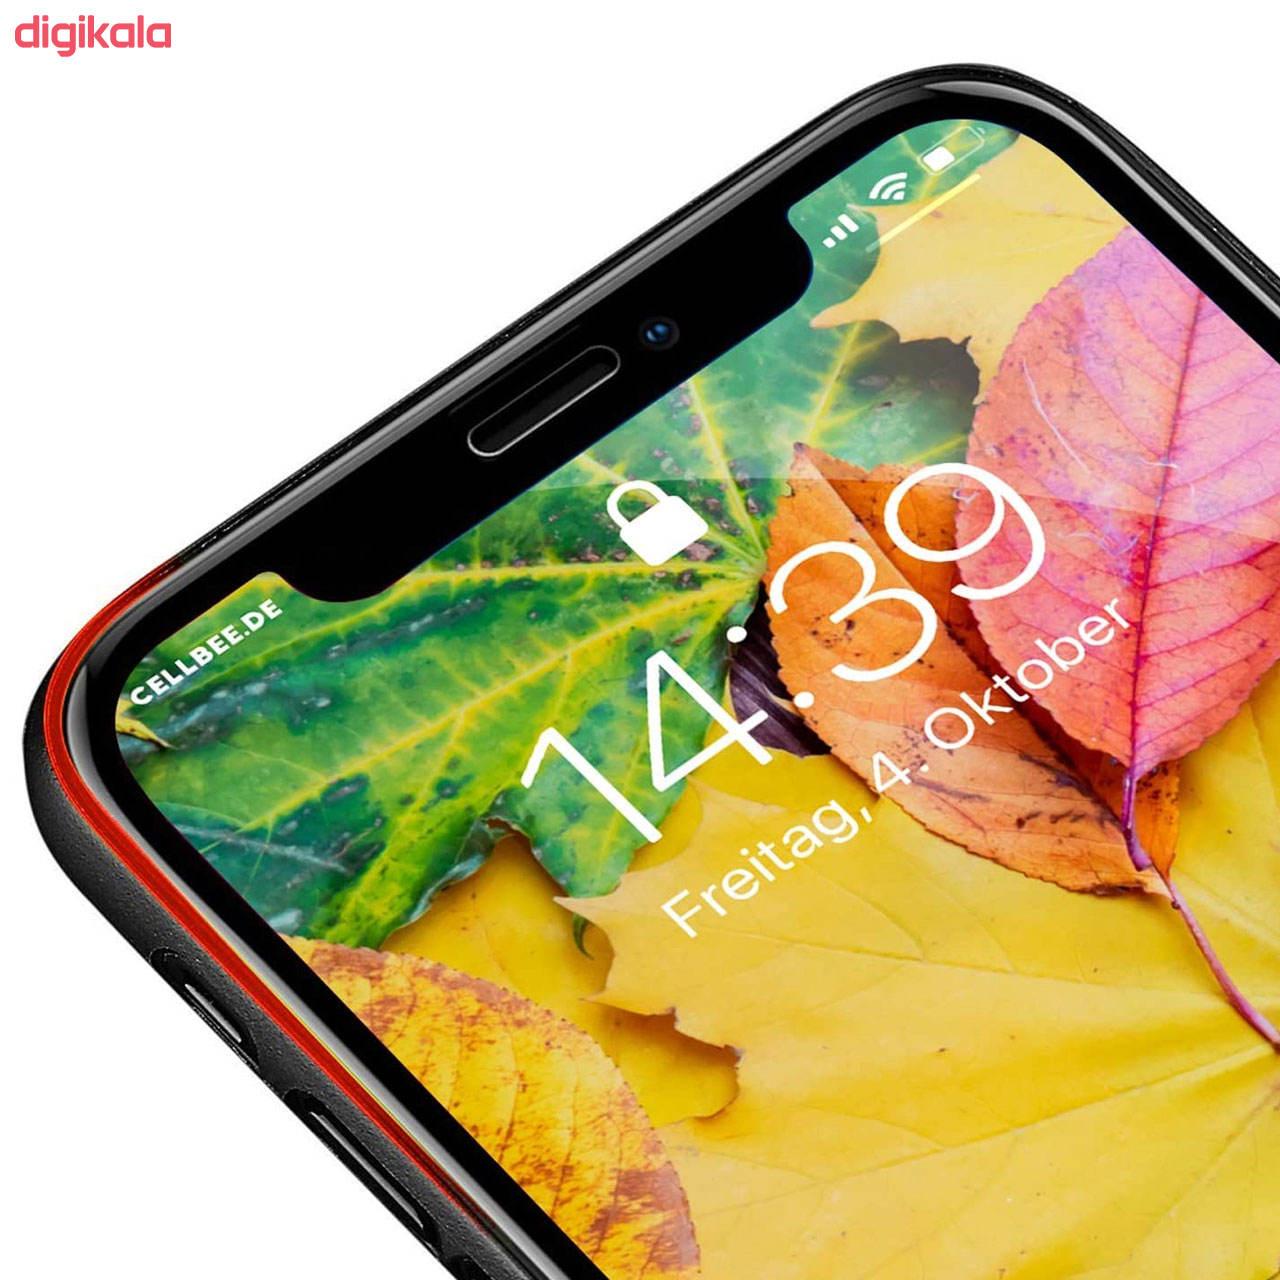 محافظ صفحه نمایش مدل FCG مناسب برای گوشی موبایل اپل iPhone X main 1 9